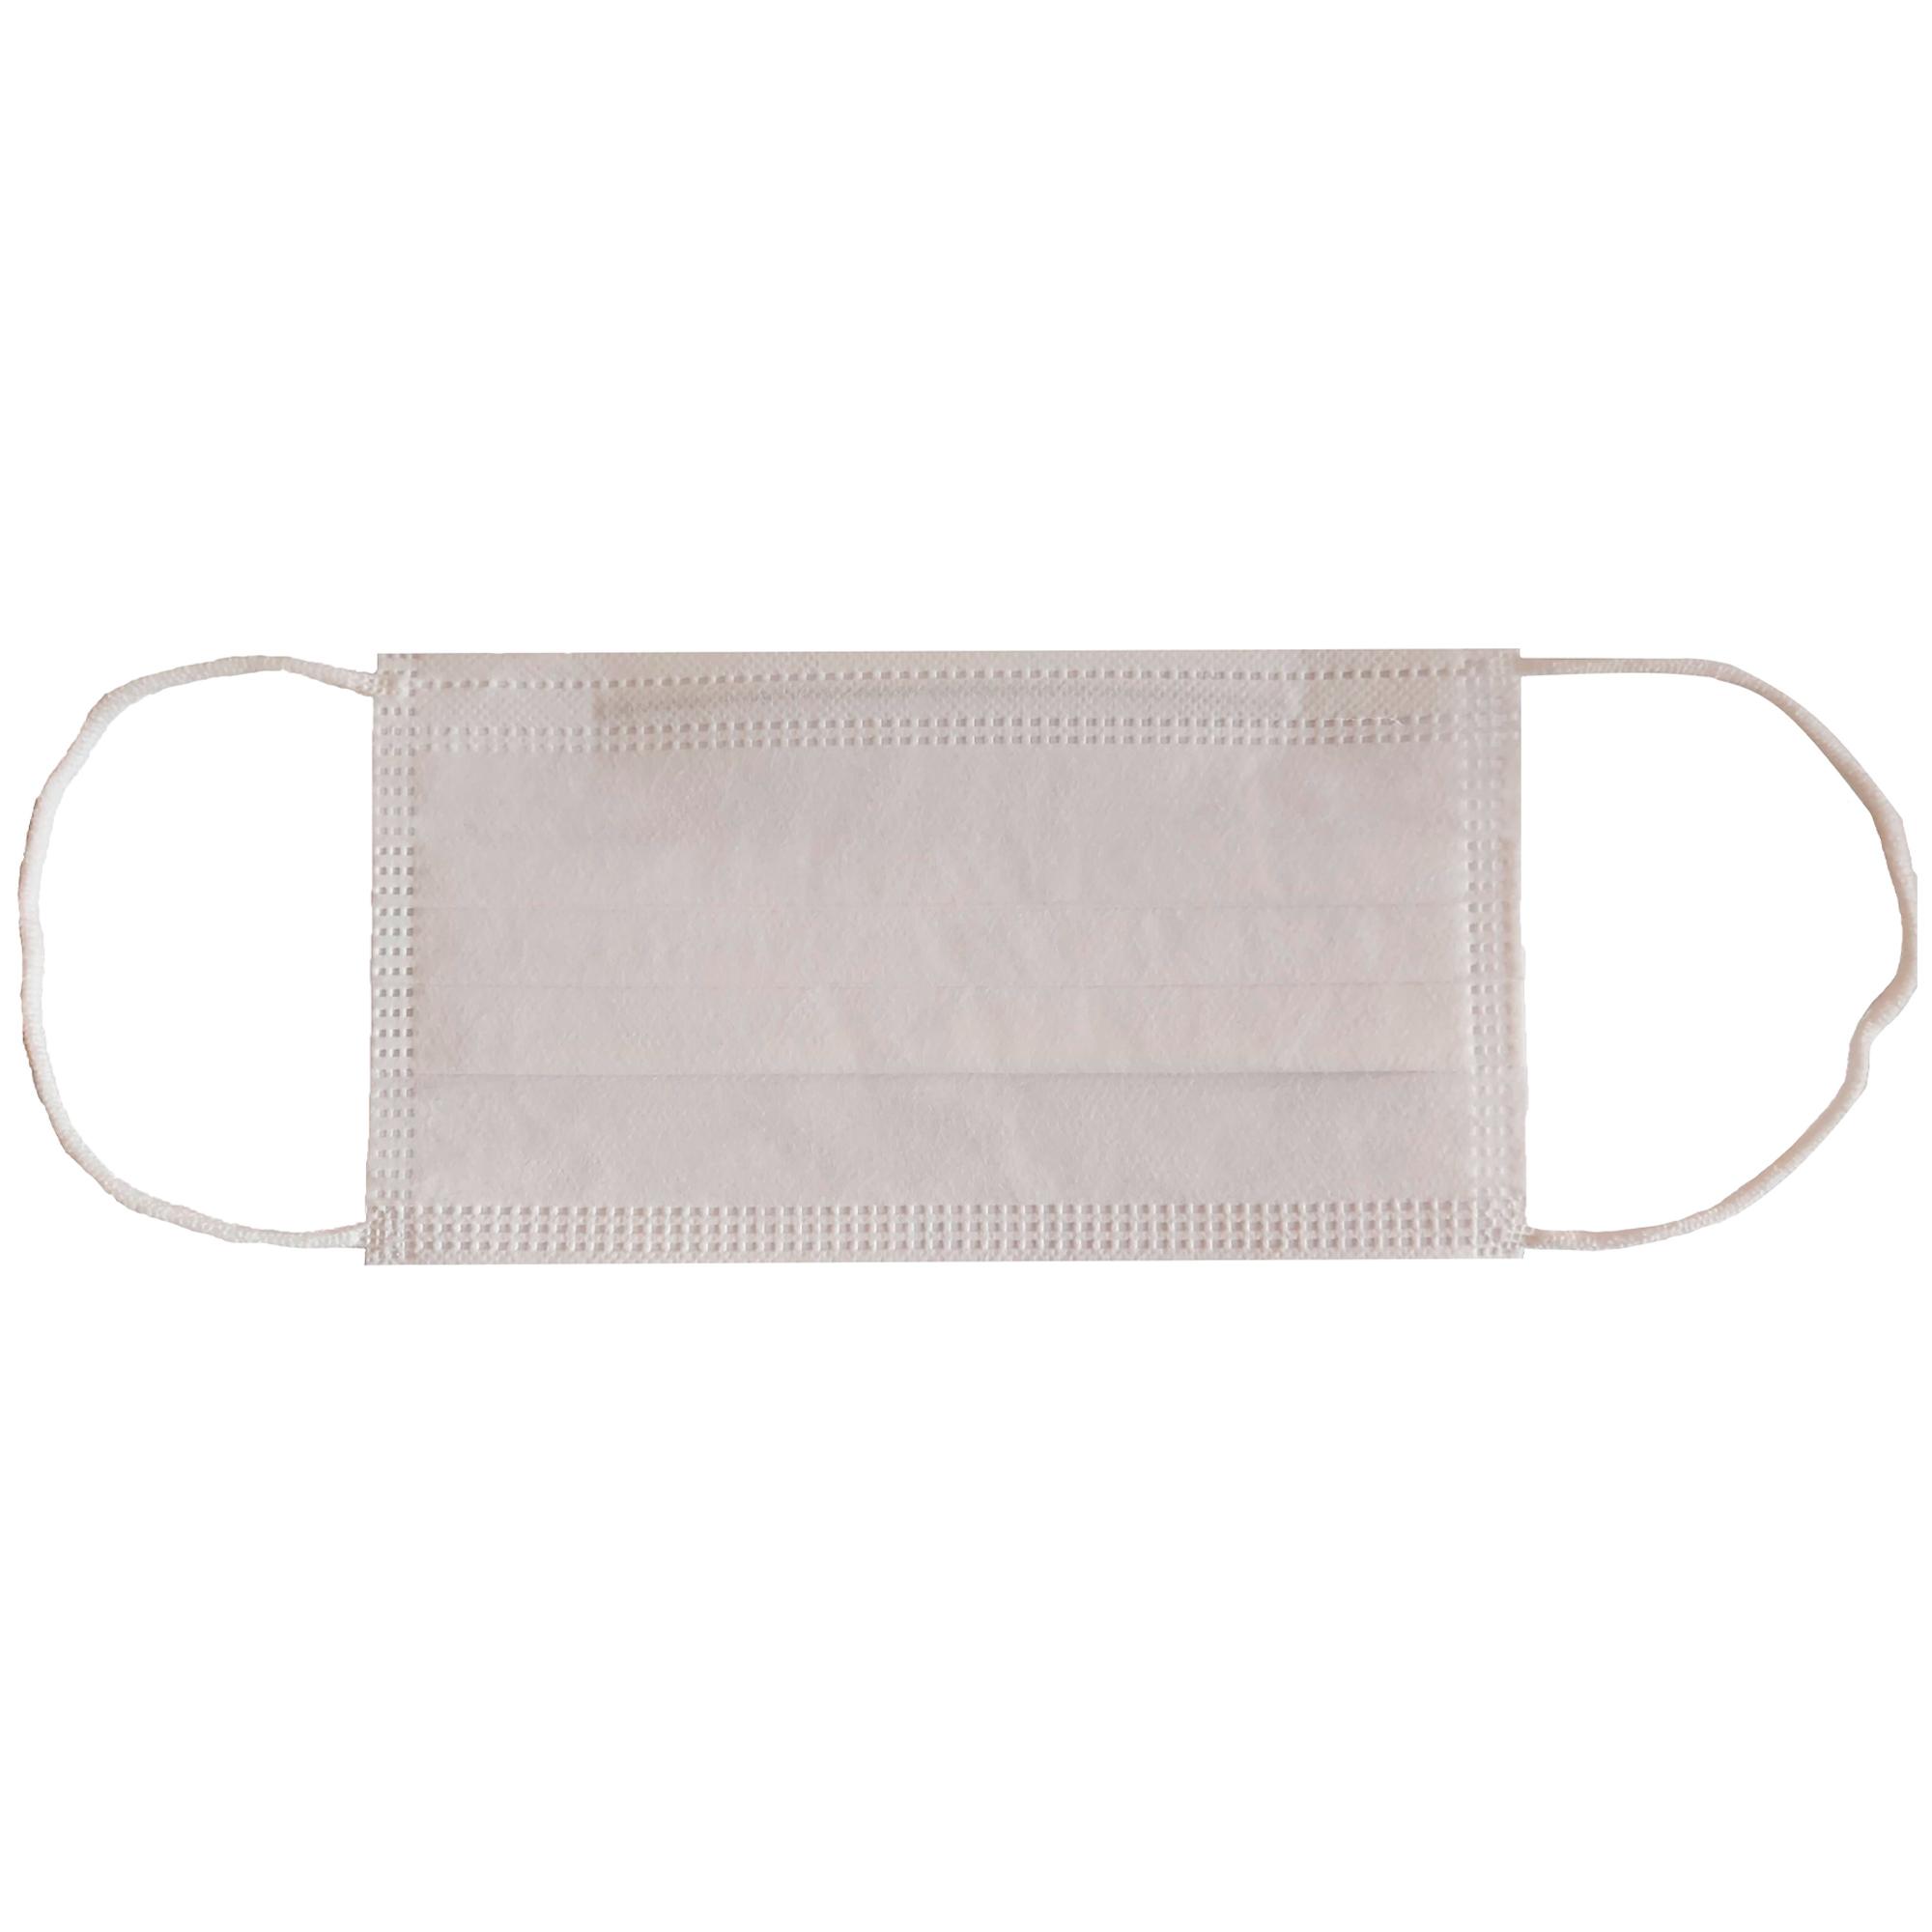 ماسک تنفسی مدل FMMS01U بسته 50 عددی